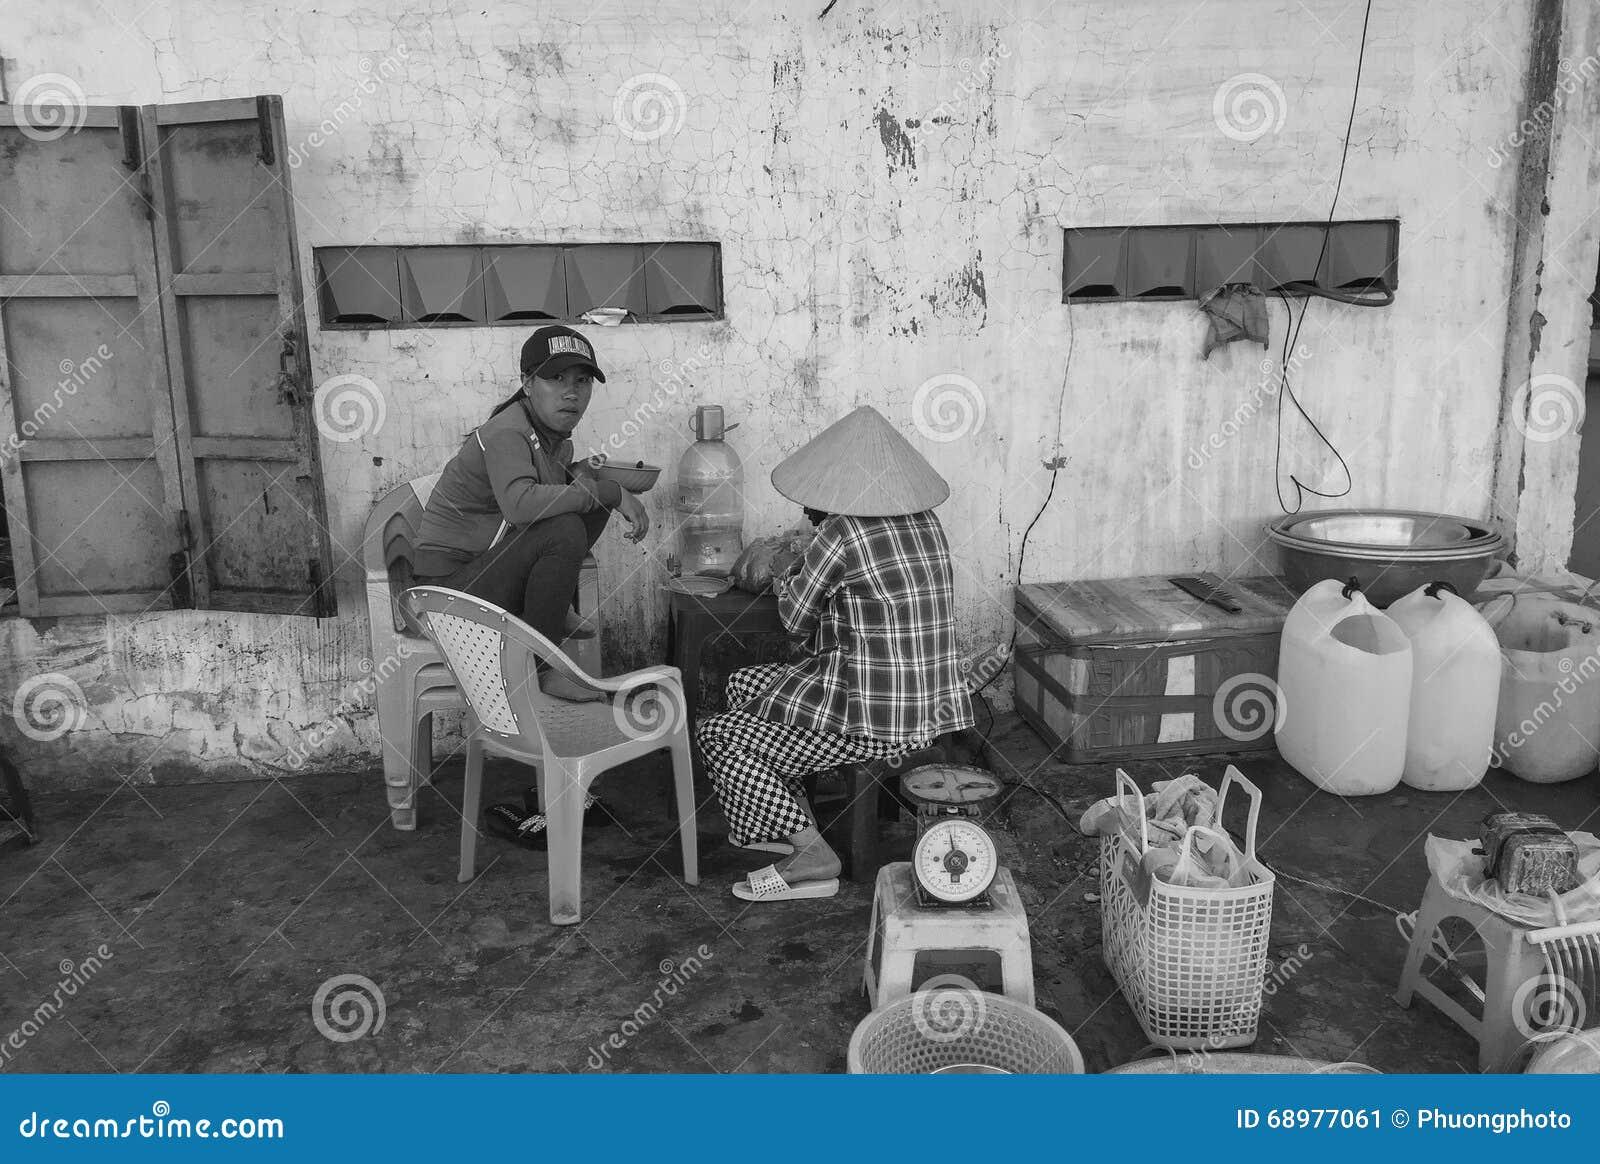 La gente que comía las comidas de la calle en Phan sonó, Vietnam